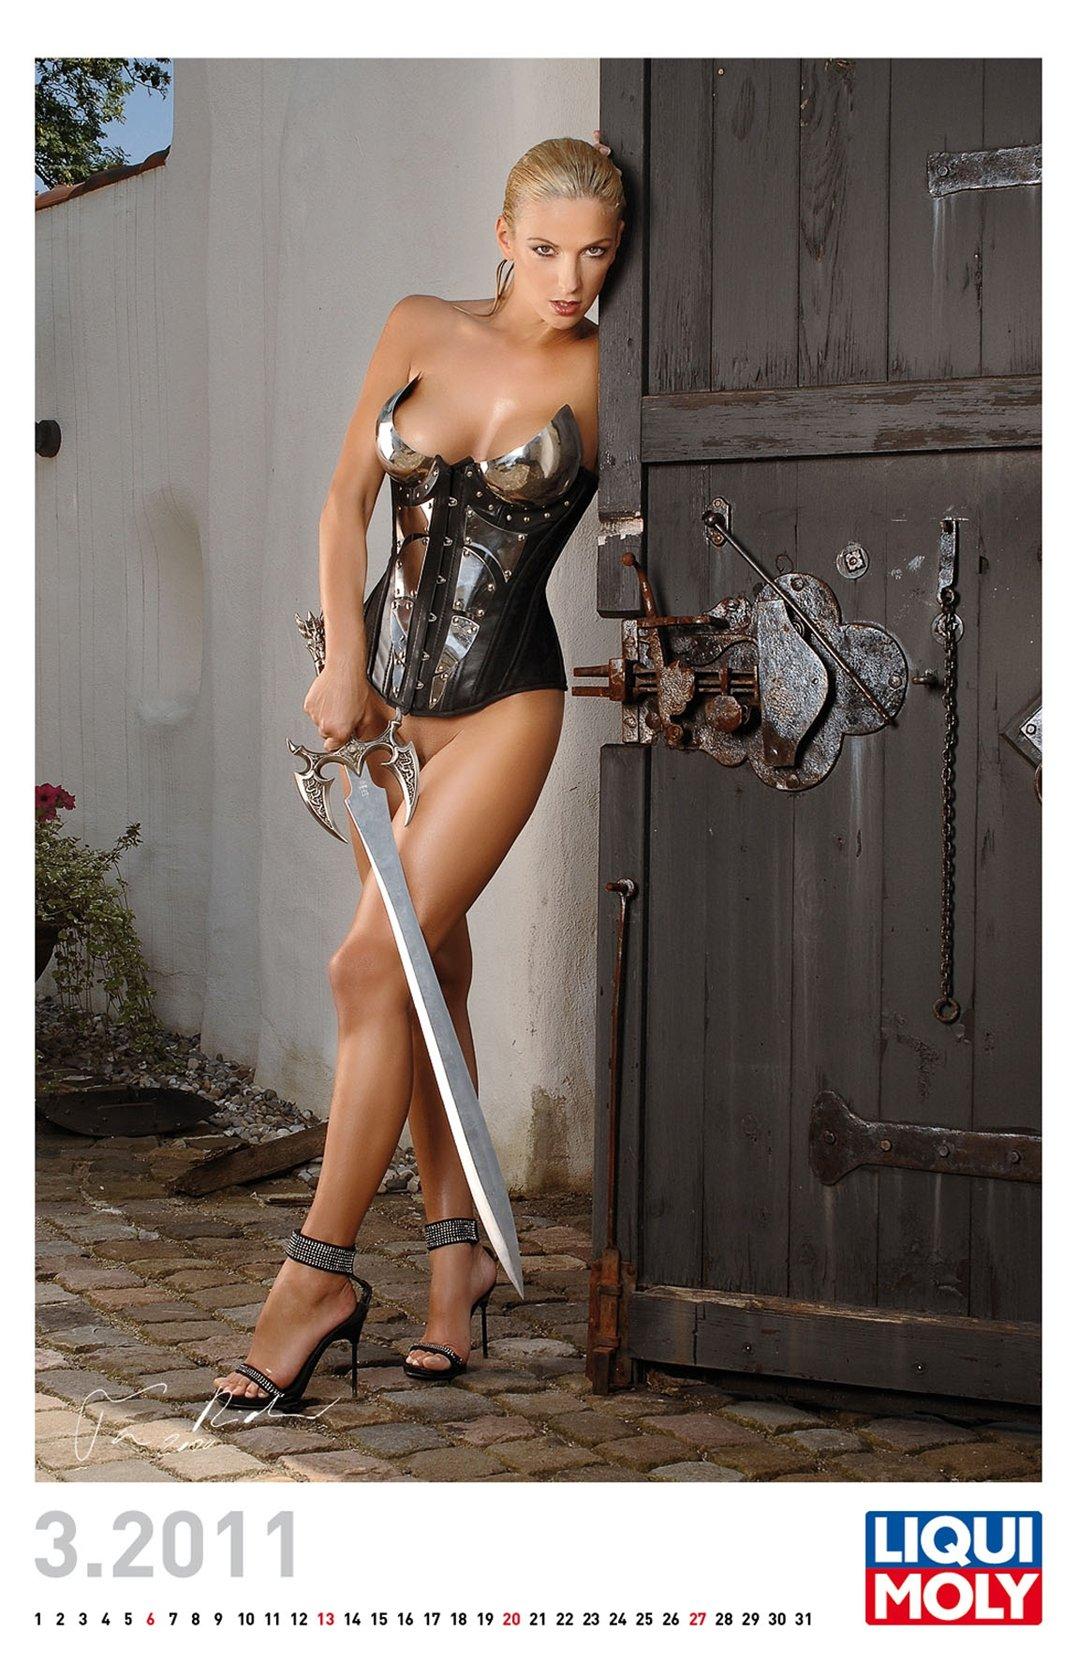 эротический календарь Liqui Moly calendar 2011 - март